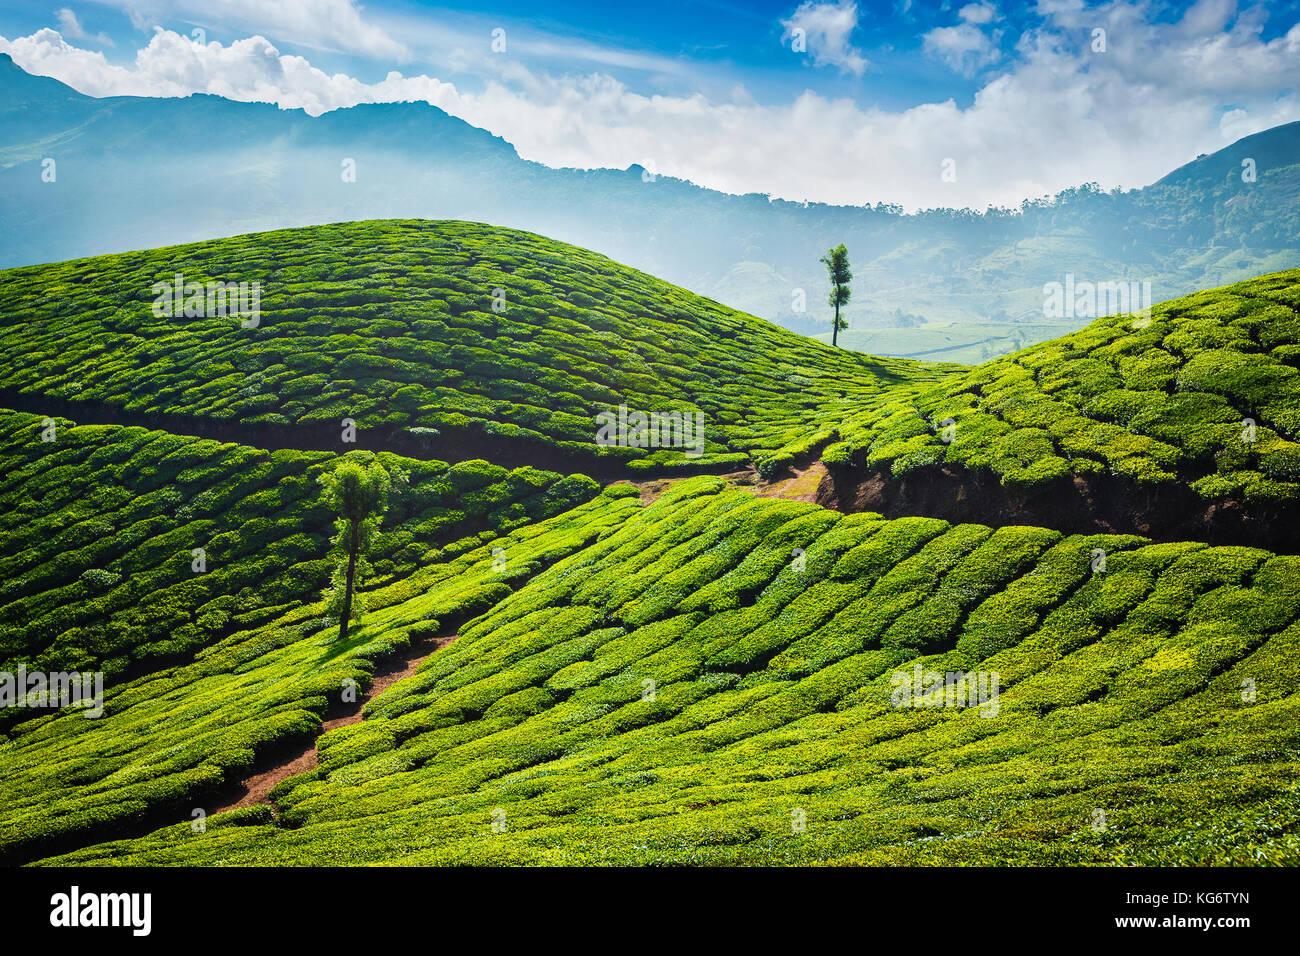 Las plantaciones de té de munnar, Kerala. Imagen De Stock